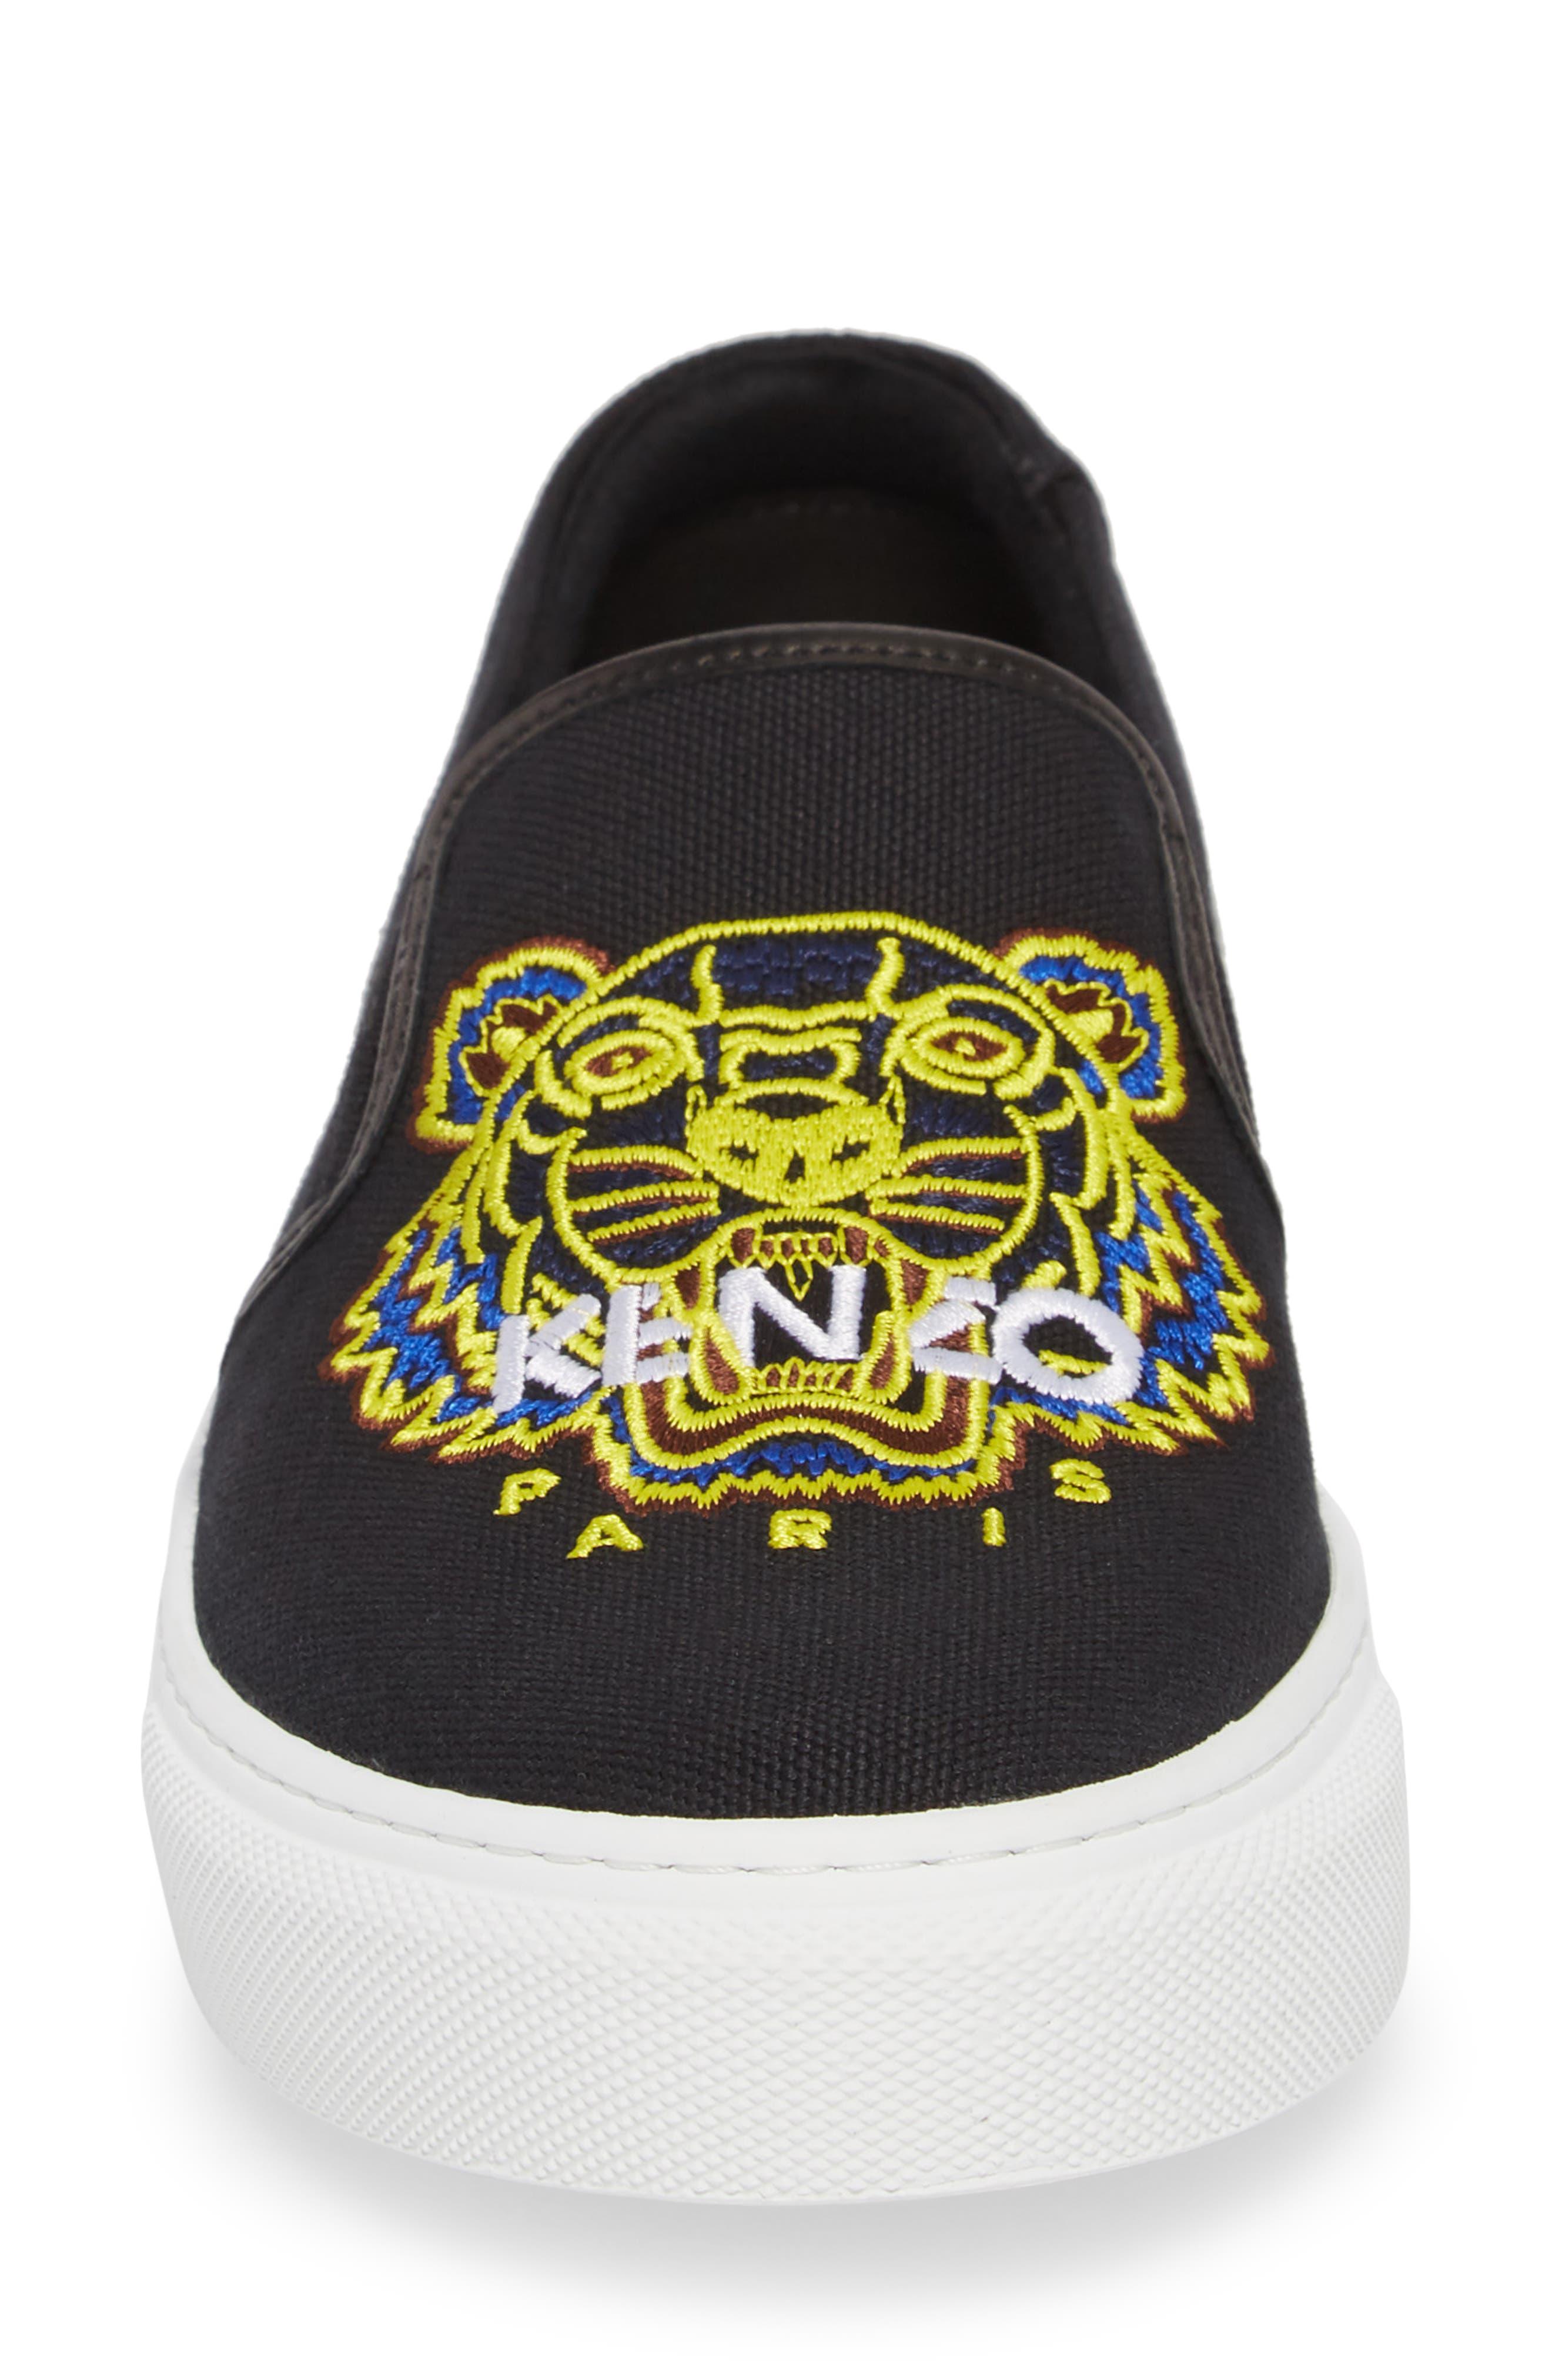 K Skate Embroidered Slip-On Sneaker,                             Alternate thumbnail 4, color,                             BLACK LEATHER